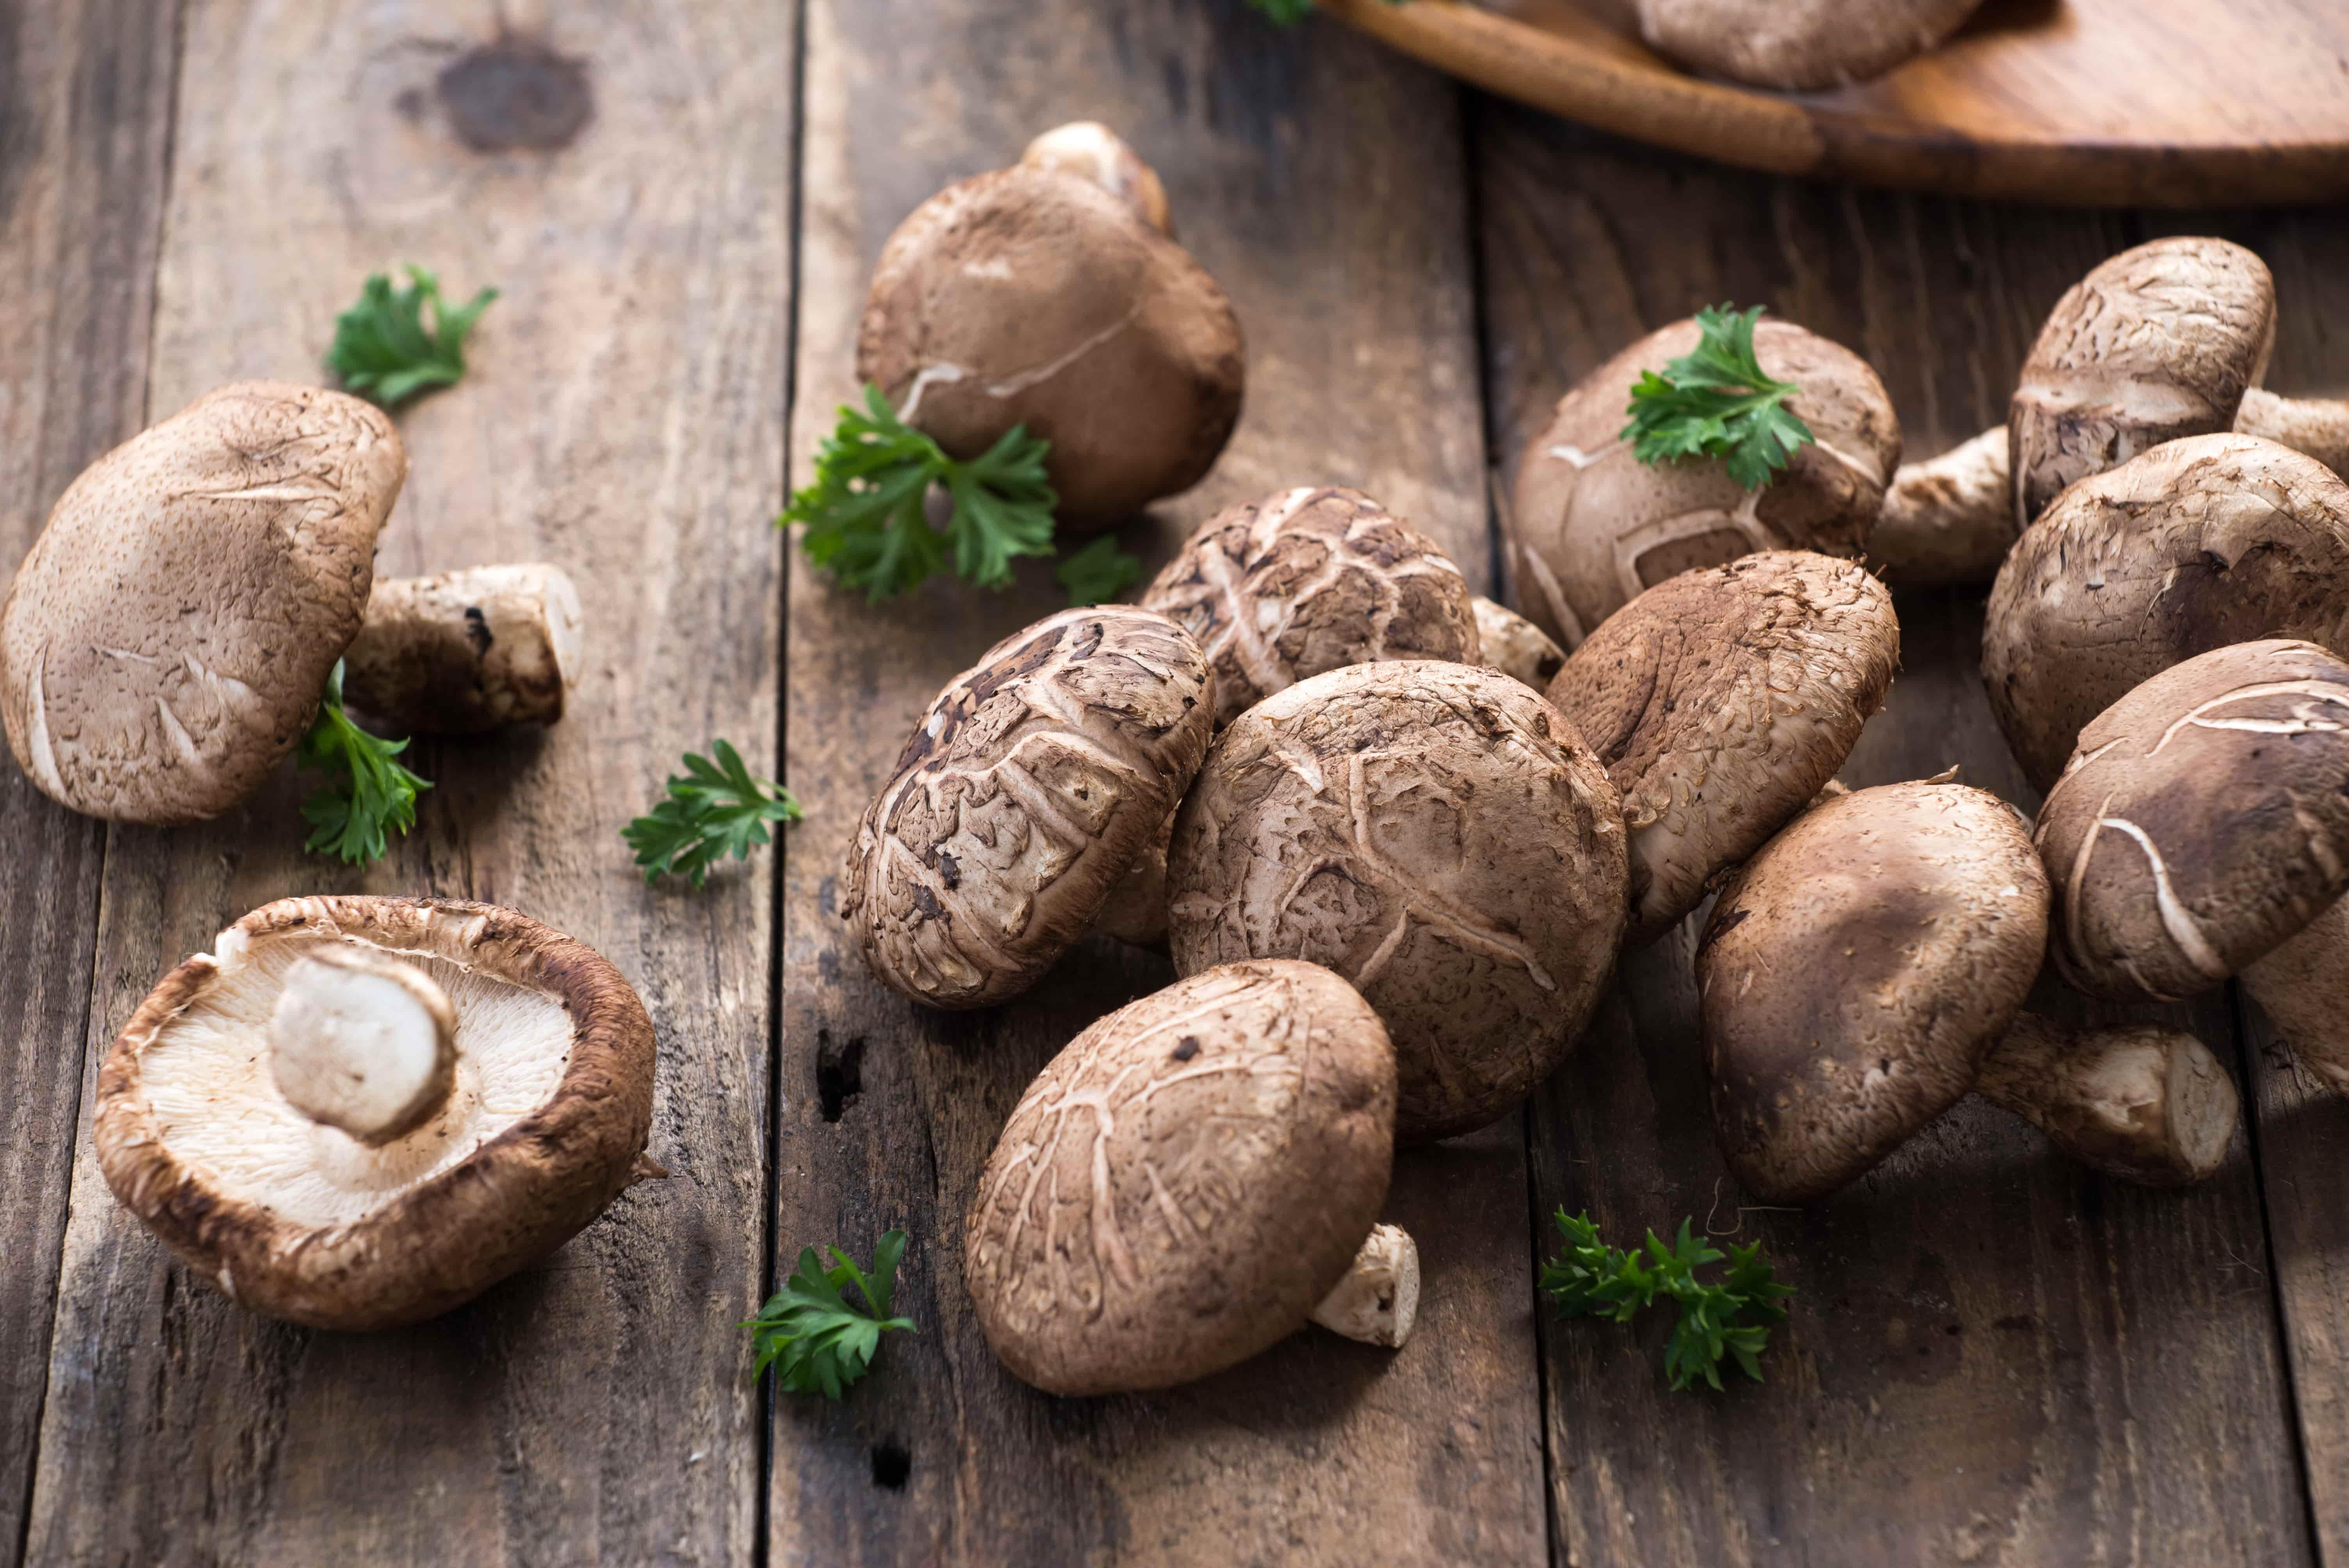 Описание и места распространения грибов мацутакэ